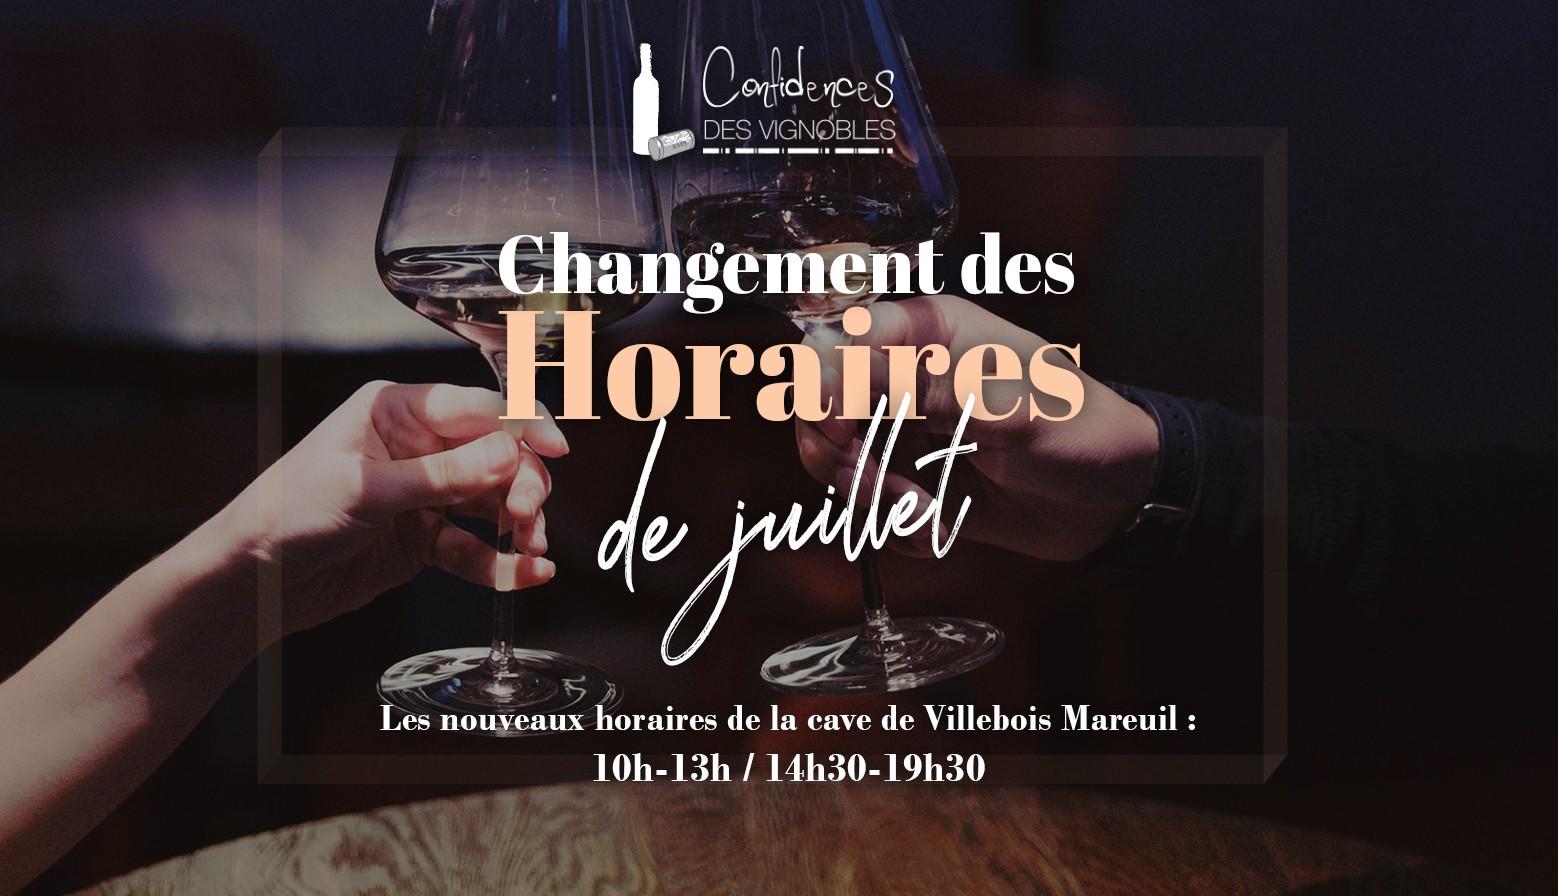 [NOUVEAUX HORAIRES] Votre boutique du Boulevard Villebois Mareuil change ses horaires à partir de juillet